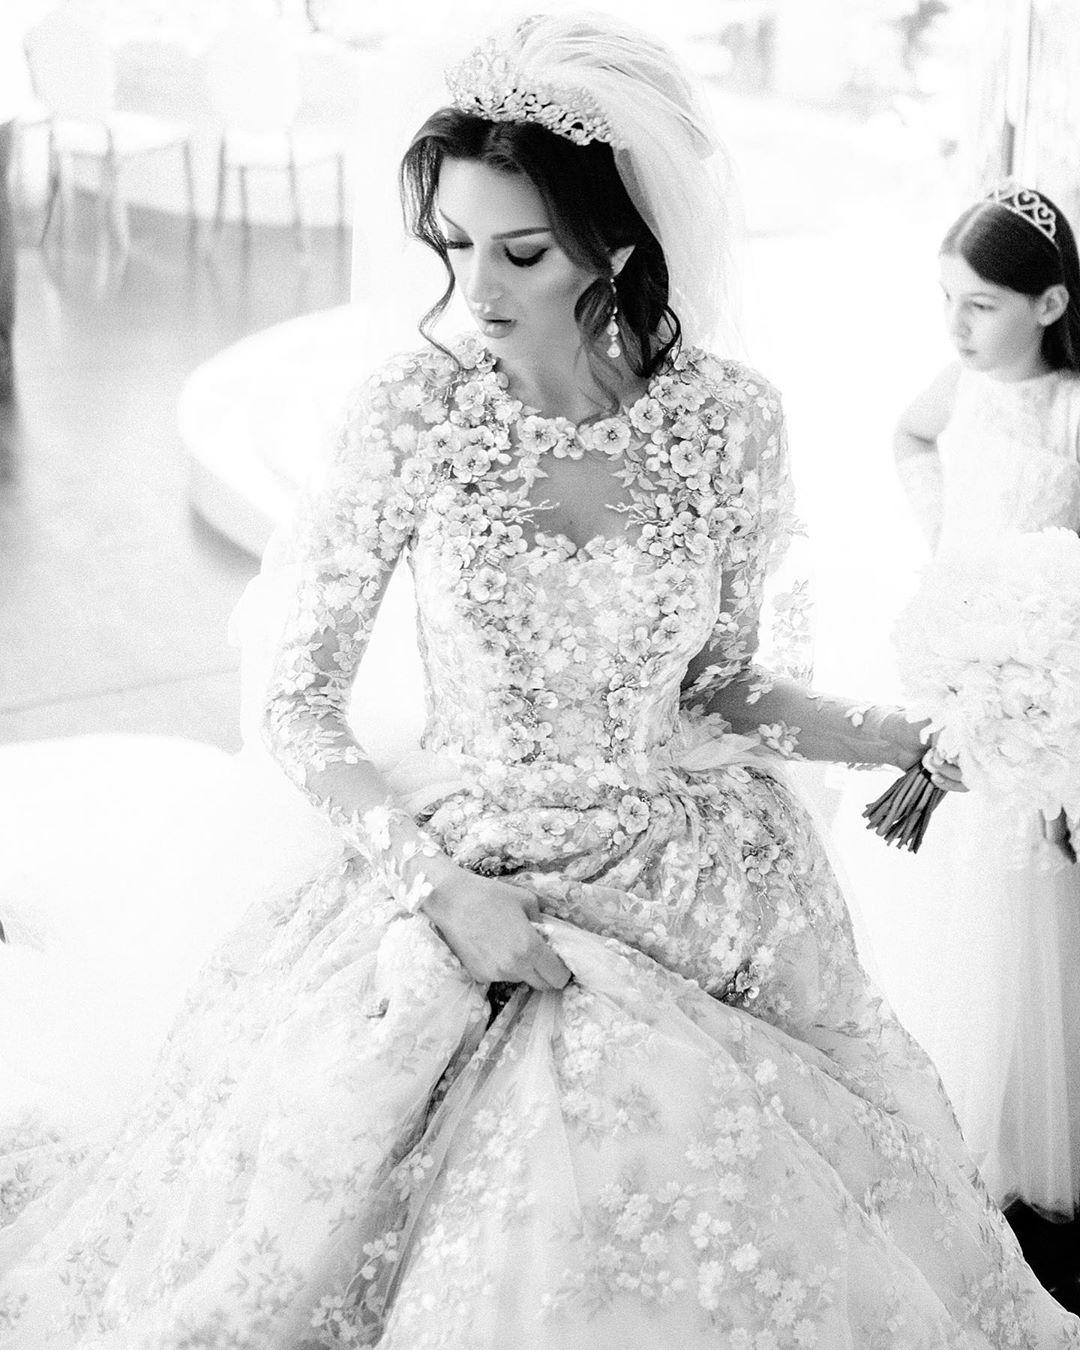 rhiana petra in a wedding dress